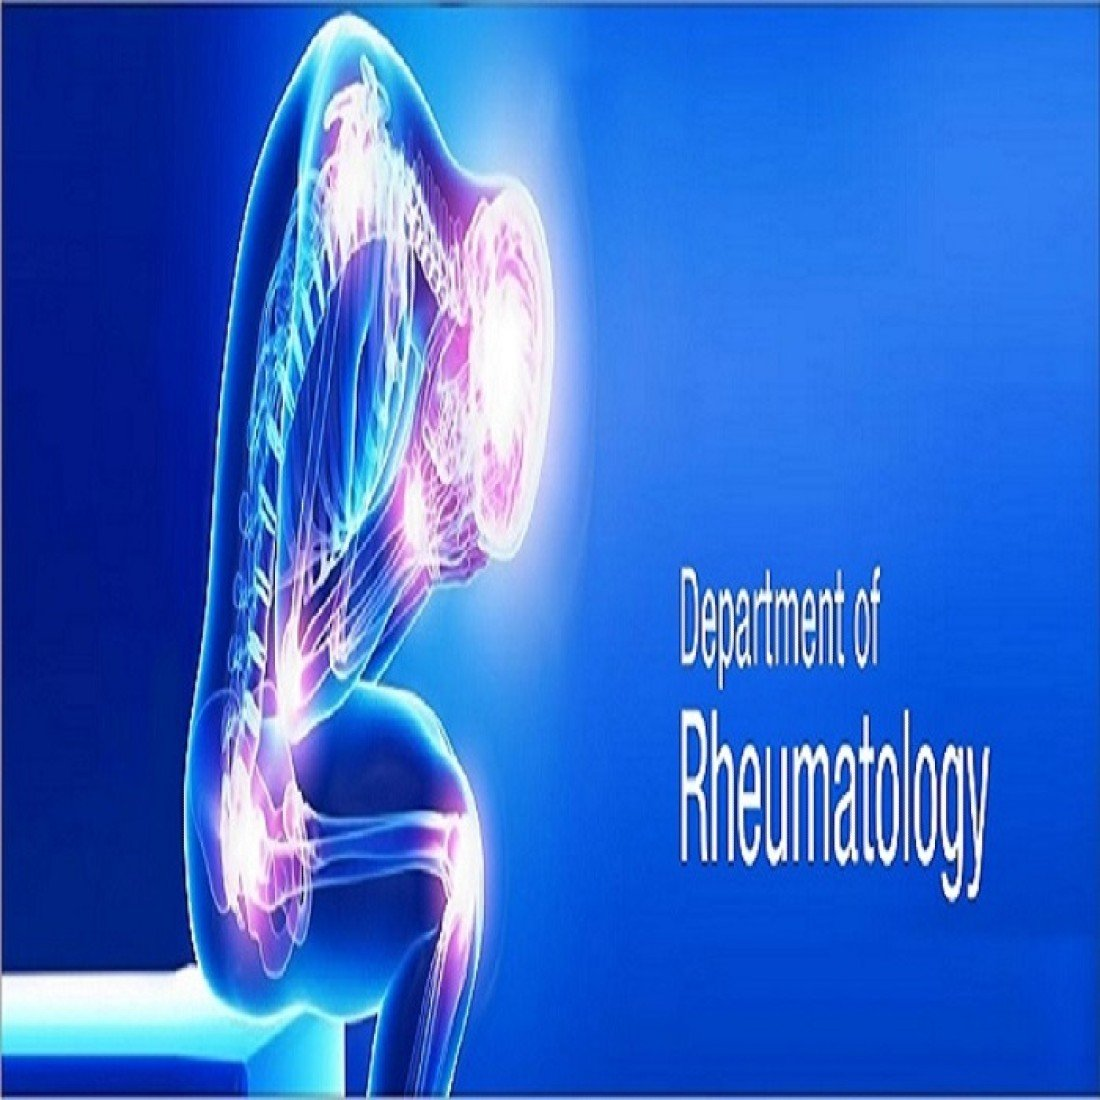 Global Conference on Rheumatology and Orthopedics